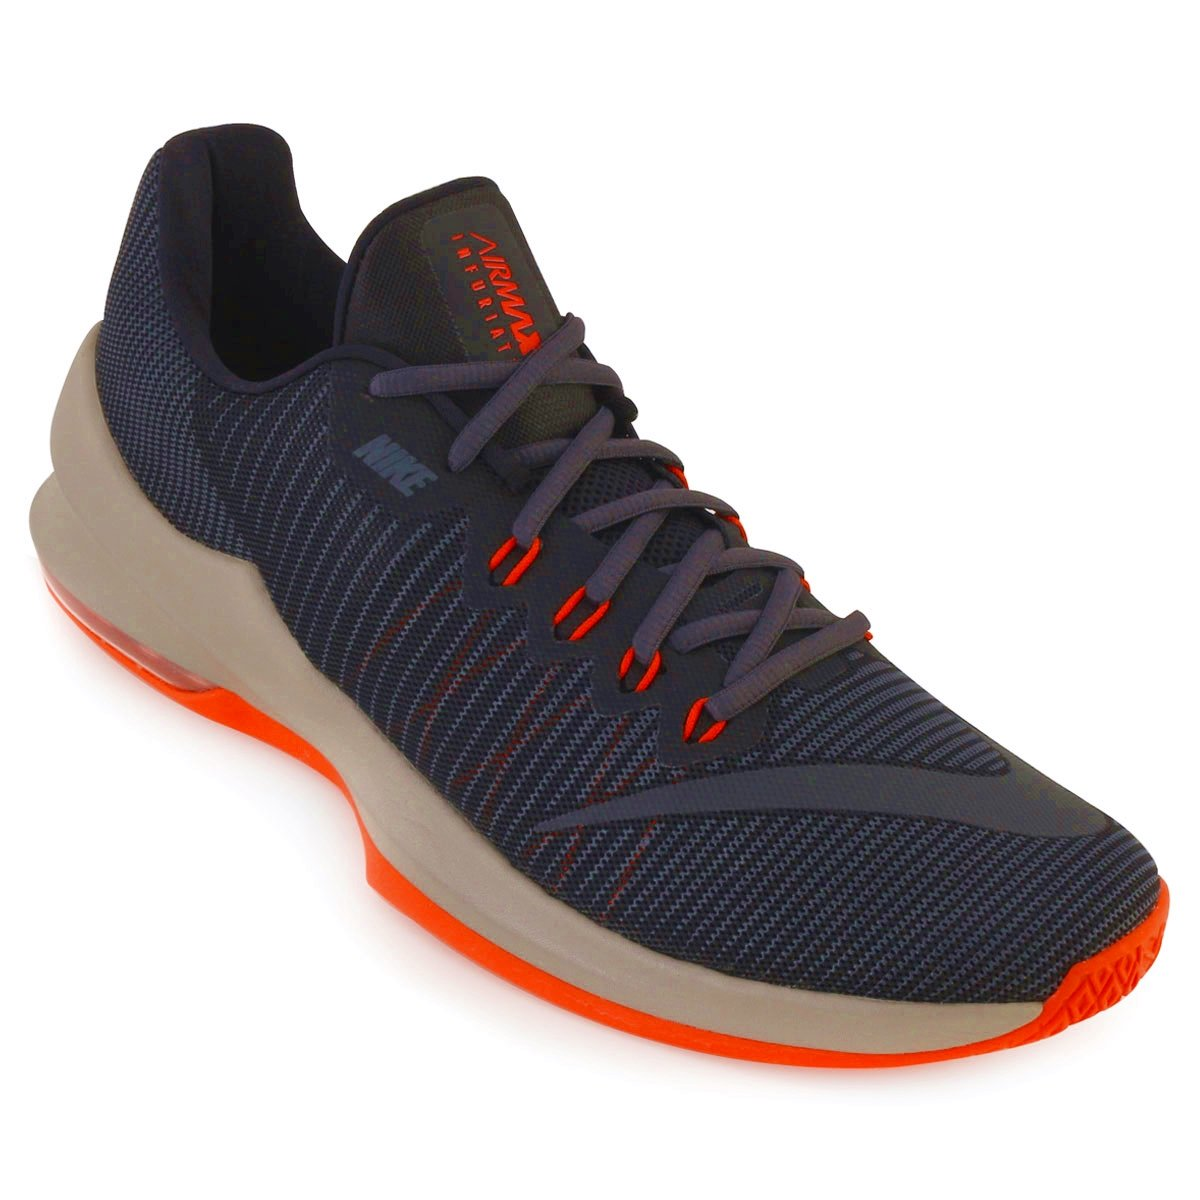 434f0ea713bcd Tênis Masculino Nike Air Max Infuriate 2 Low 908975-020 Marinho Laranja